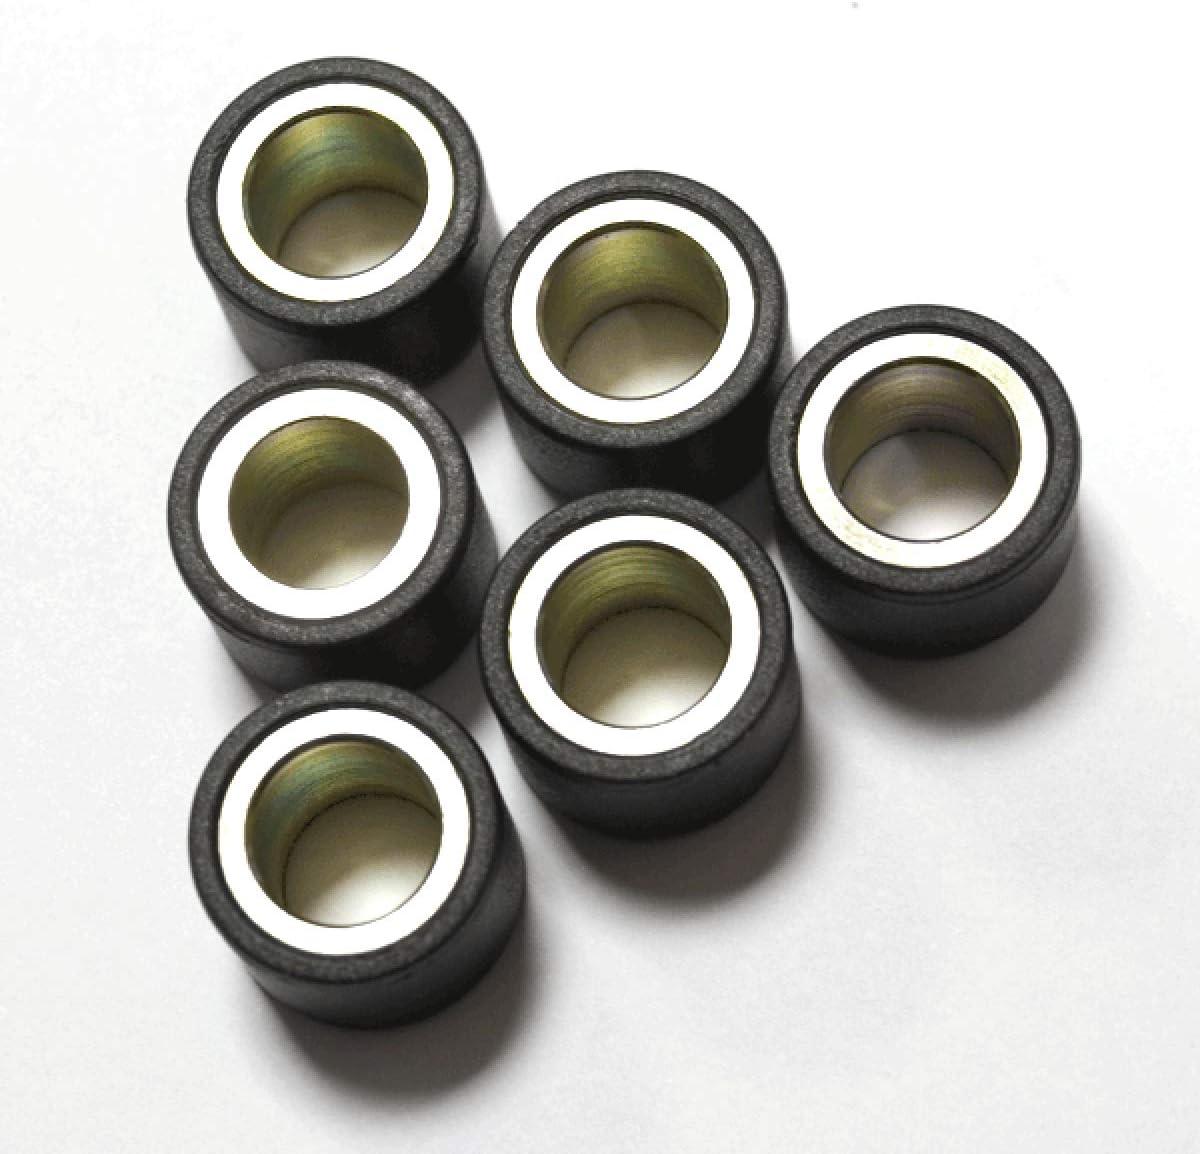 Roller Weights 4.75g 16x13mm